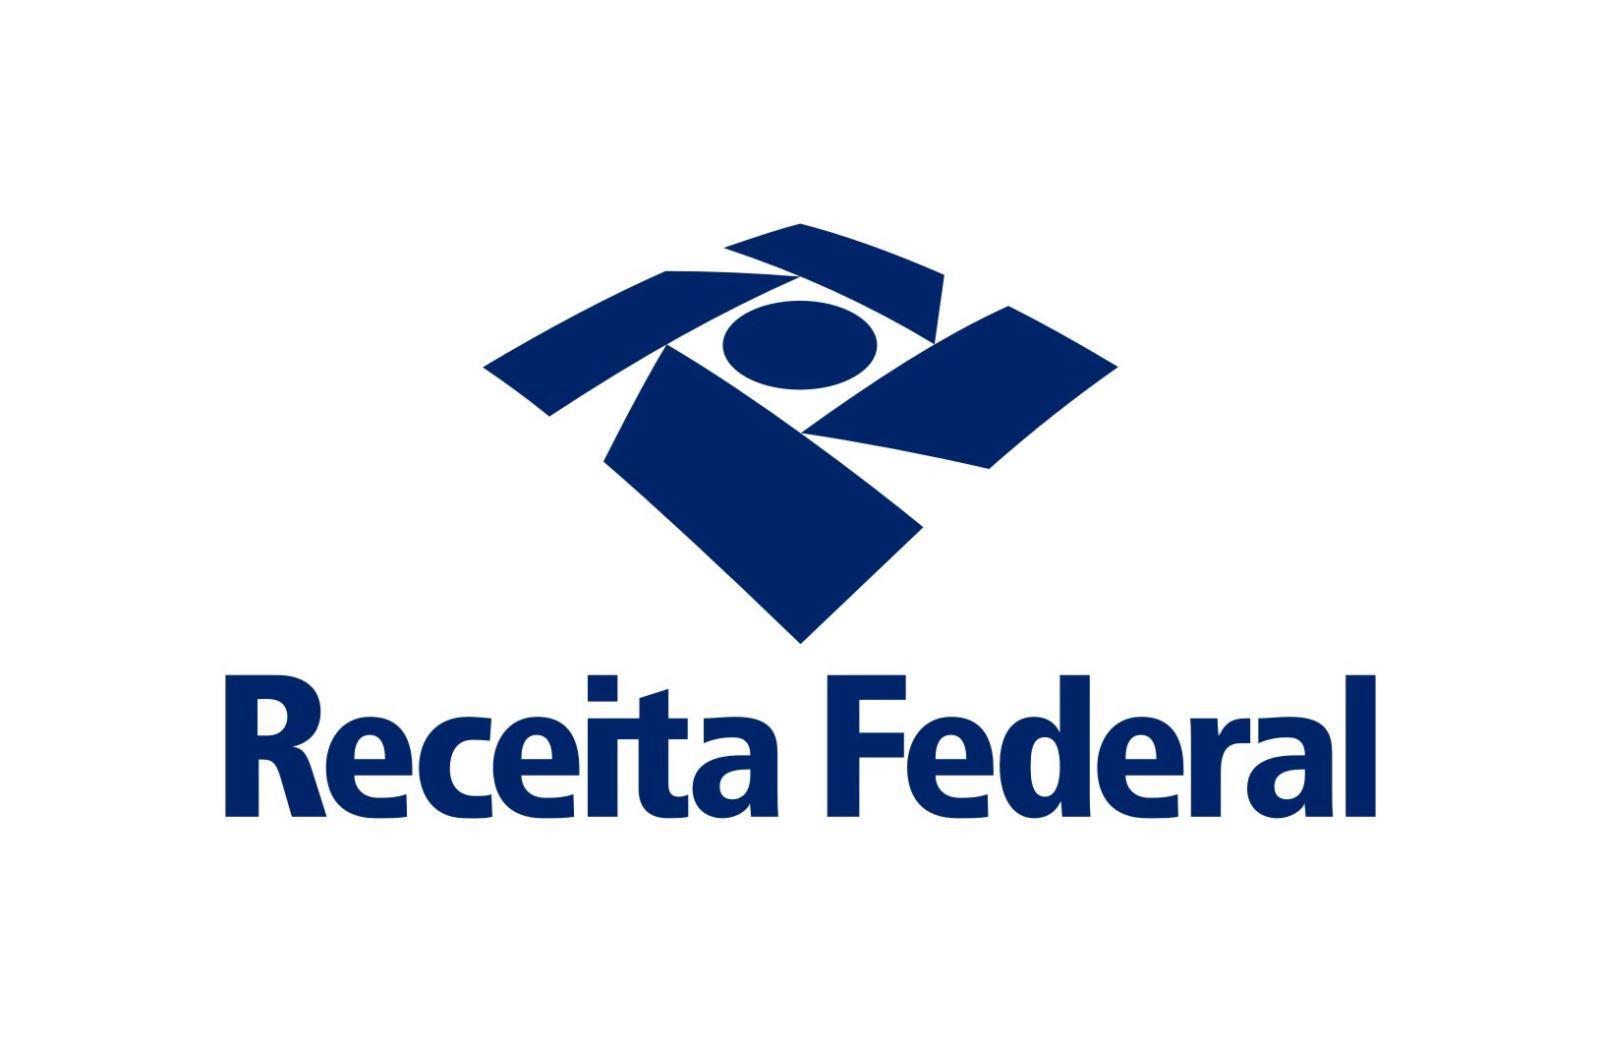 Receita Federal cria mais uma obrigação acessória, aDeclaração de Operações Liquidadas com Moeda em Espécie (DME) será exigida de pessoa física e jurídica